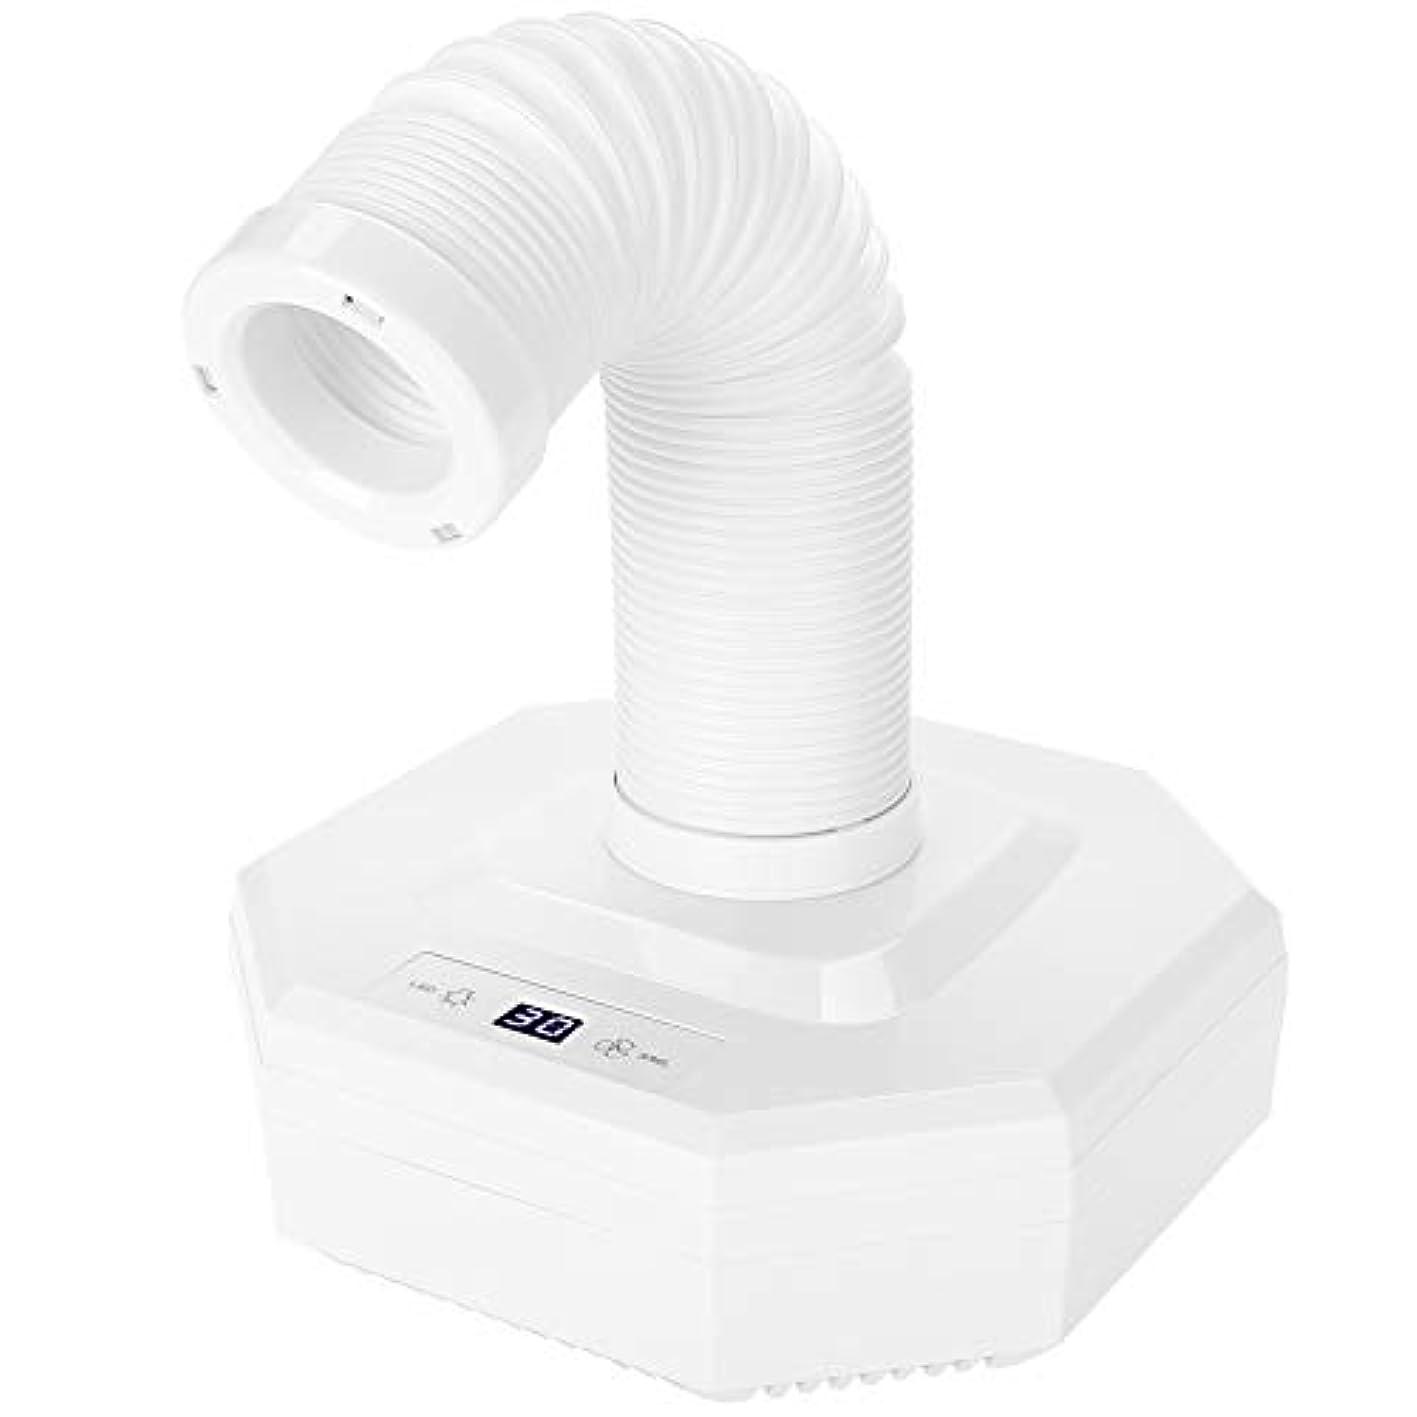 フィットシニス残高ネイル集塵機、60ワット強力なパワーマニキュア吸引掃除機用サロンuvジェルアクリルアートペディキュアツール(白)